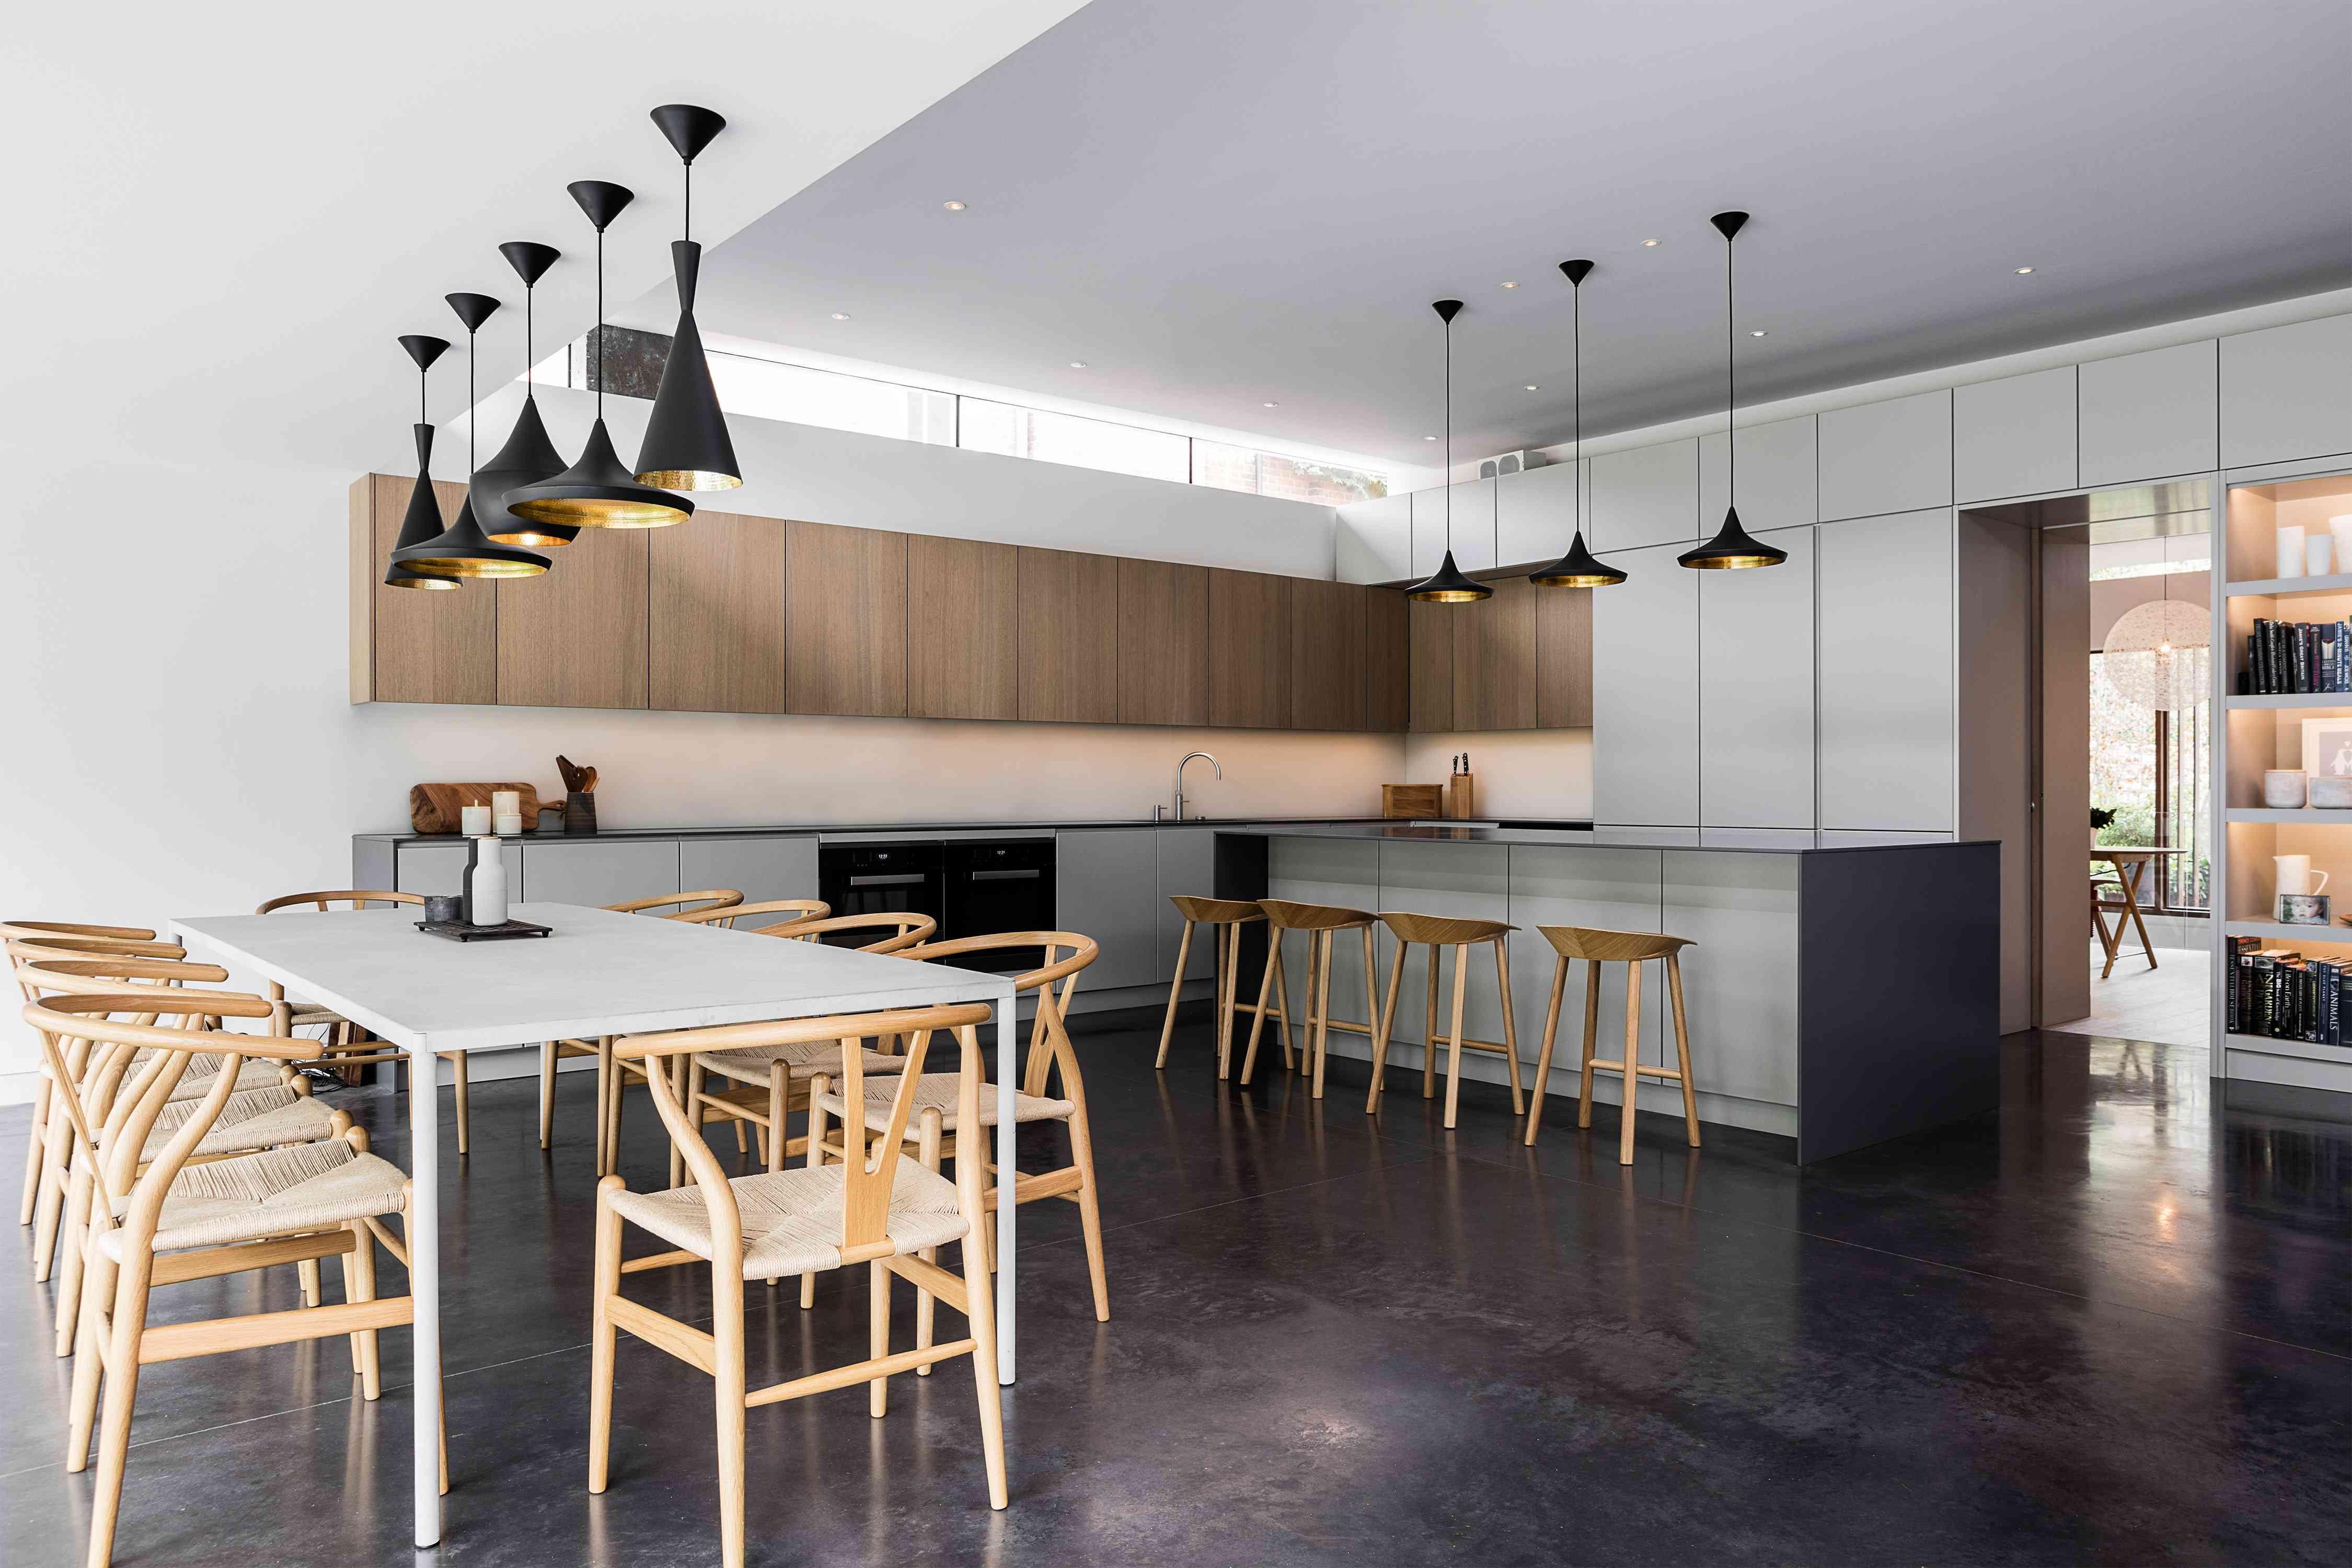 Cocina abierta inspirada en el país francés